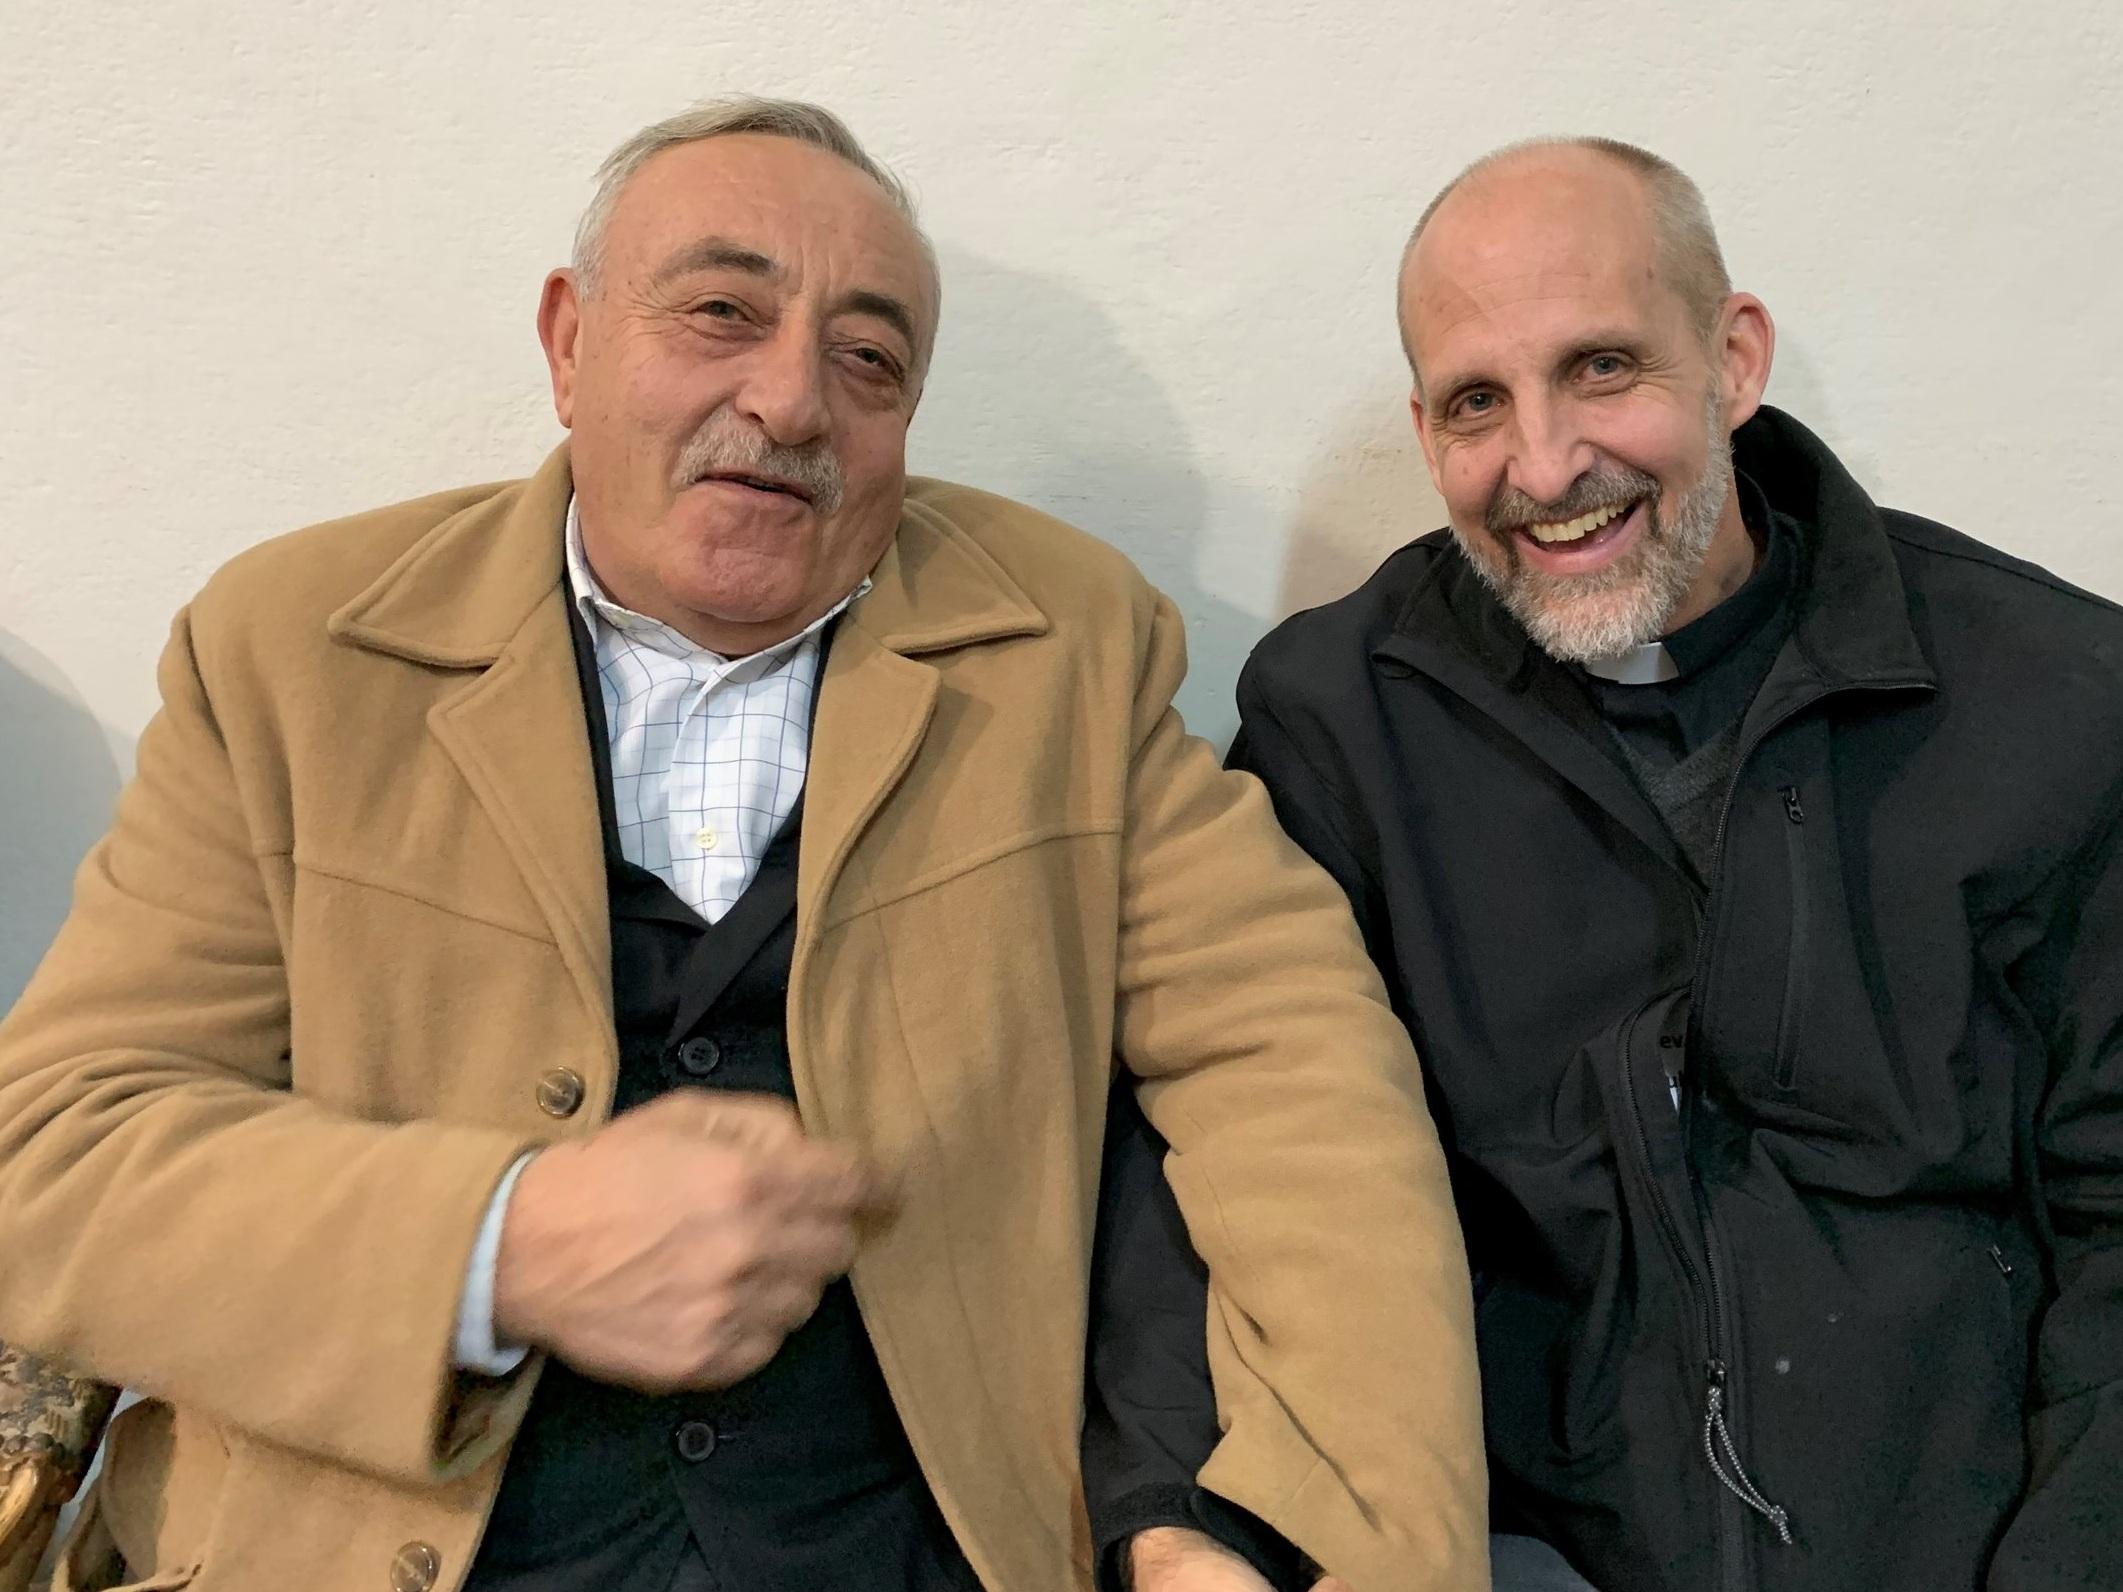 Mike with Elder Haitham at Qamishli Church